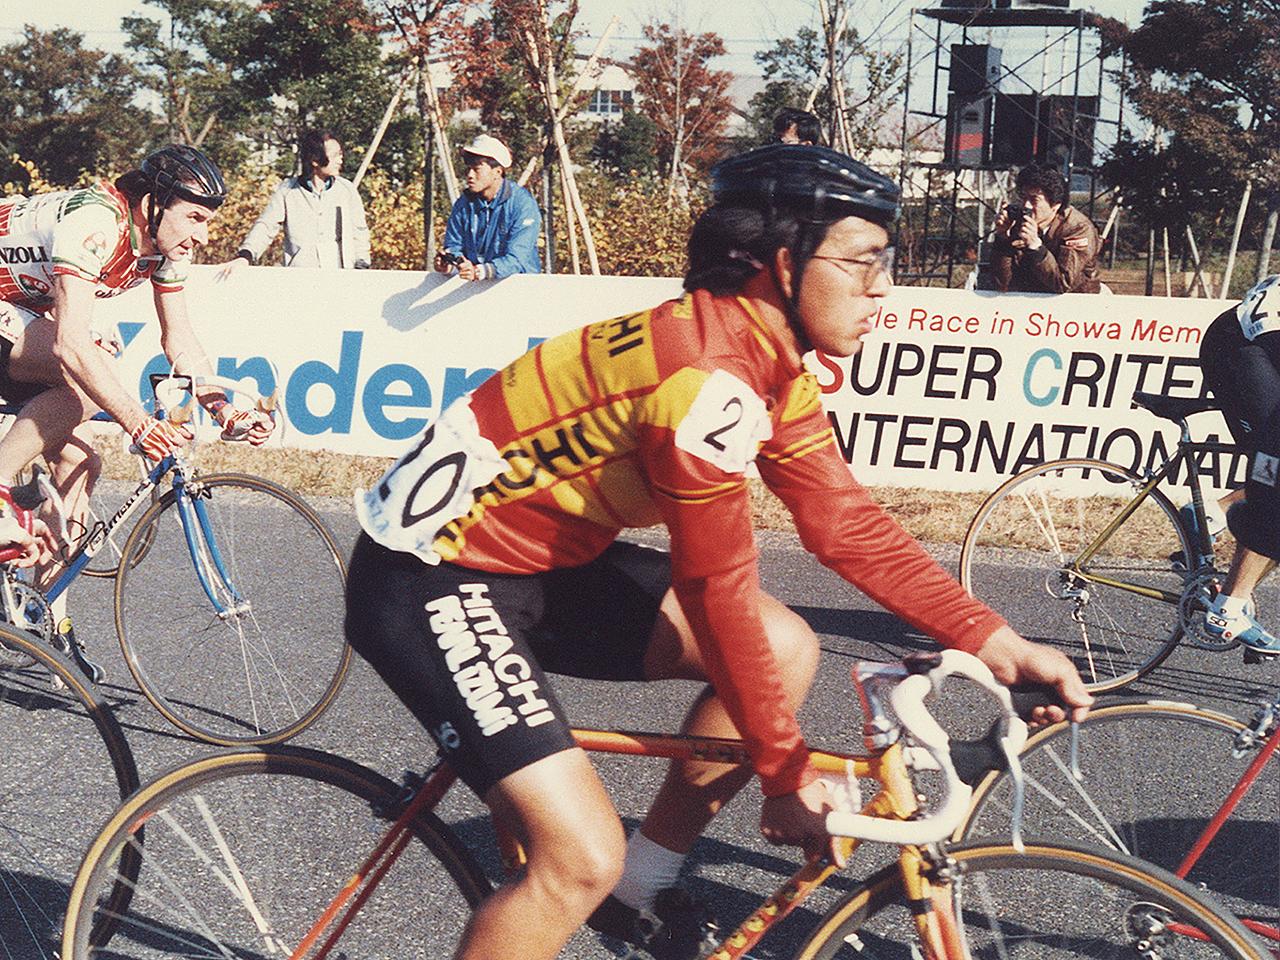 http://moritetsu.info/bicycle/img/87su-crite029ichikawa-ss.jpg